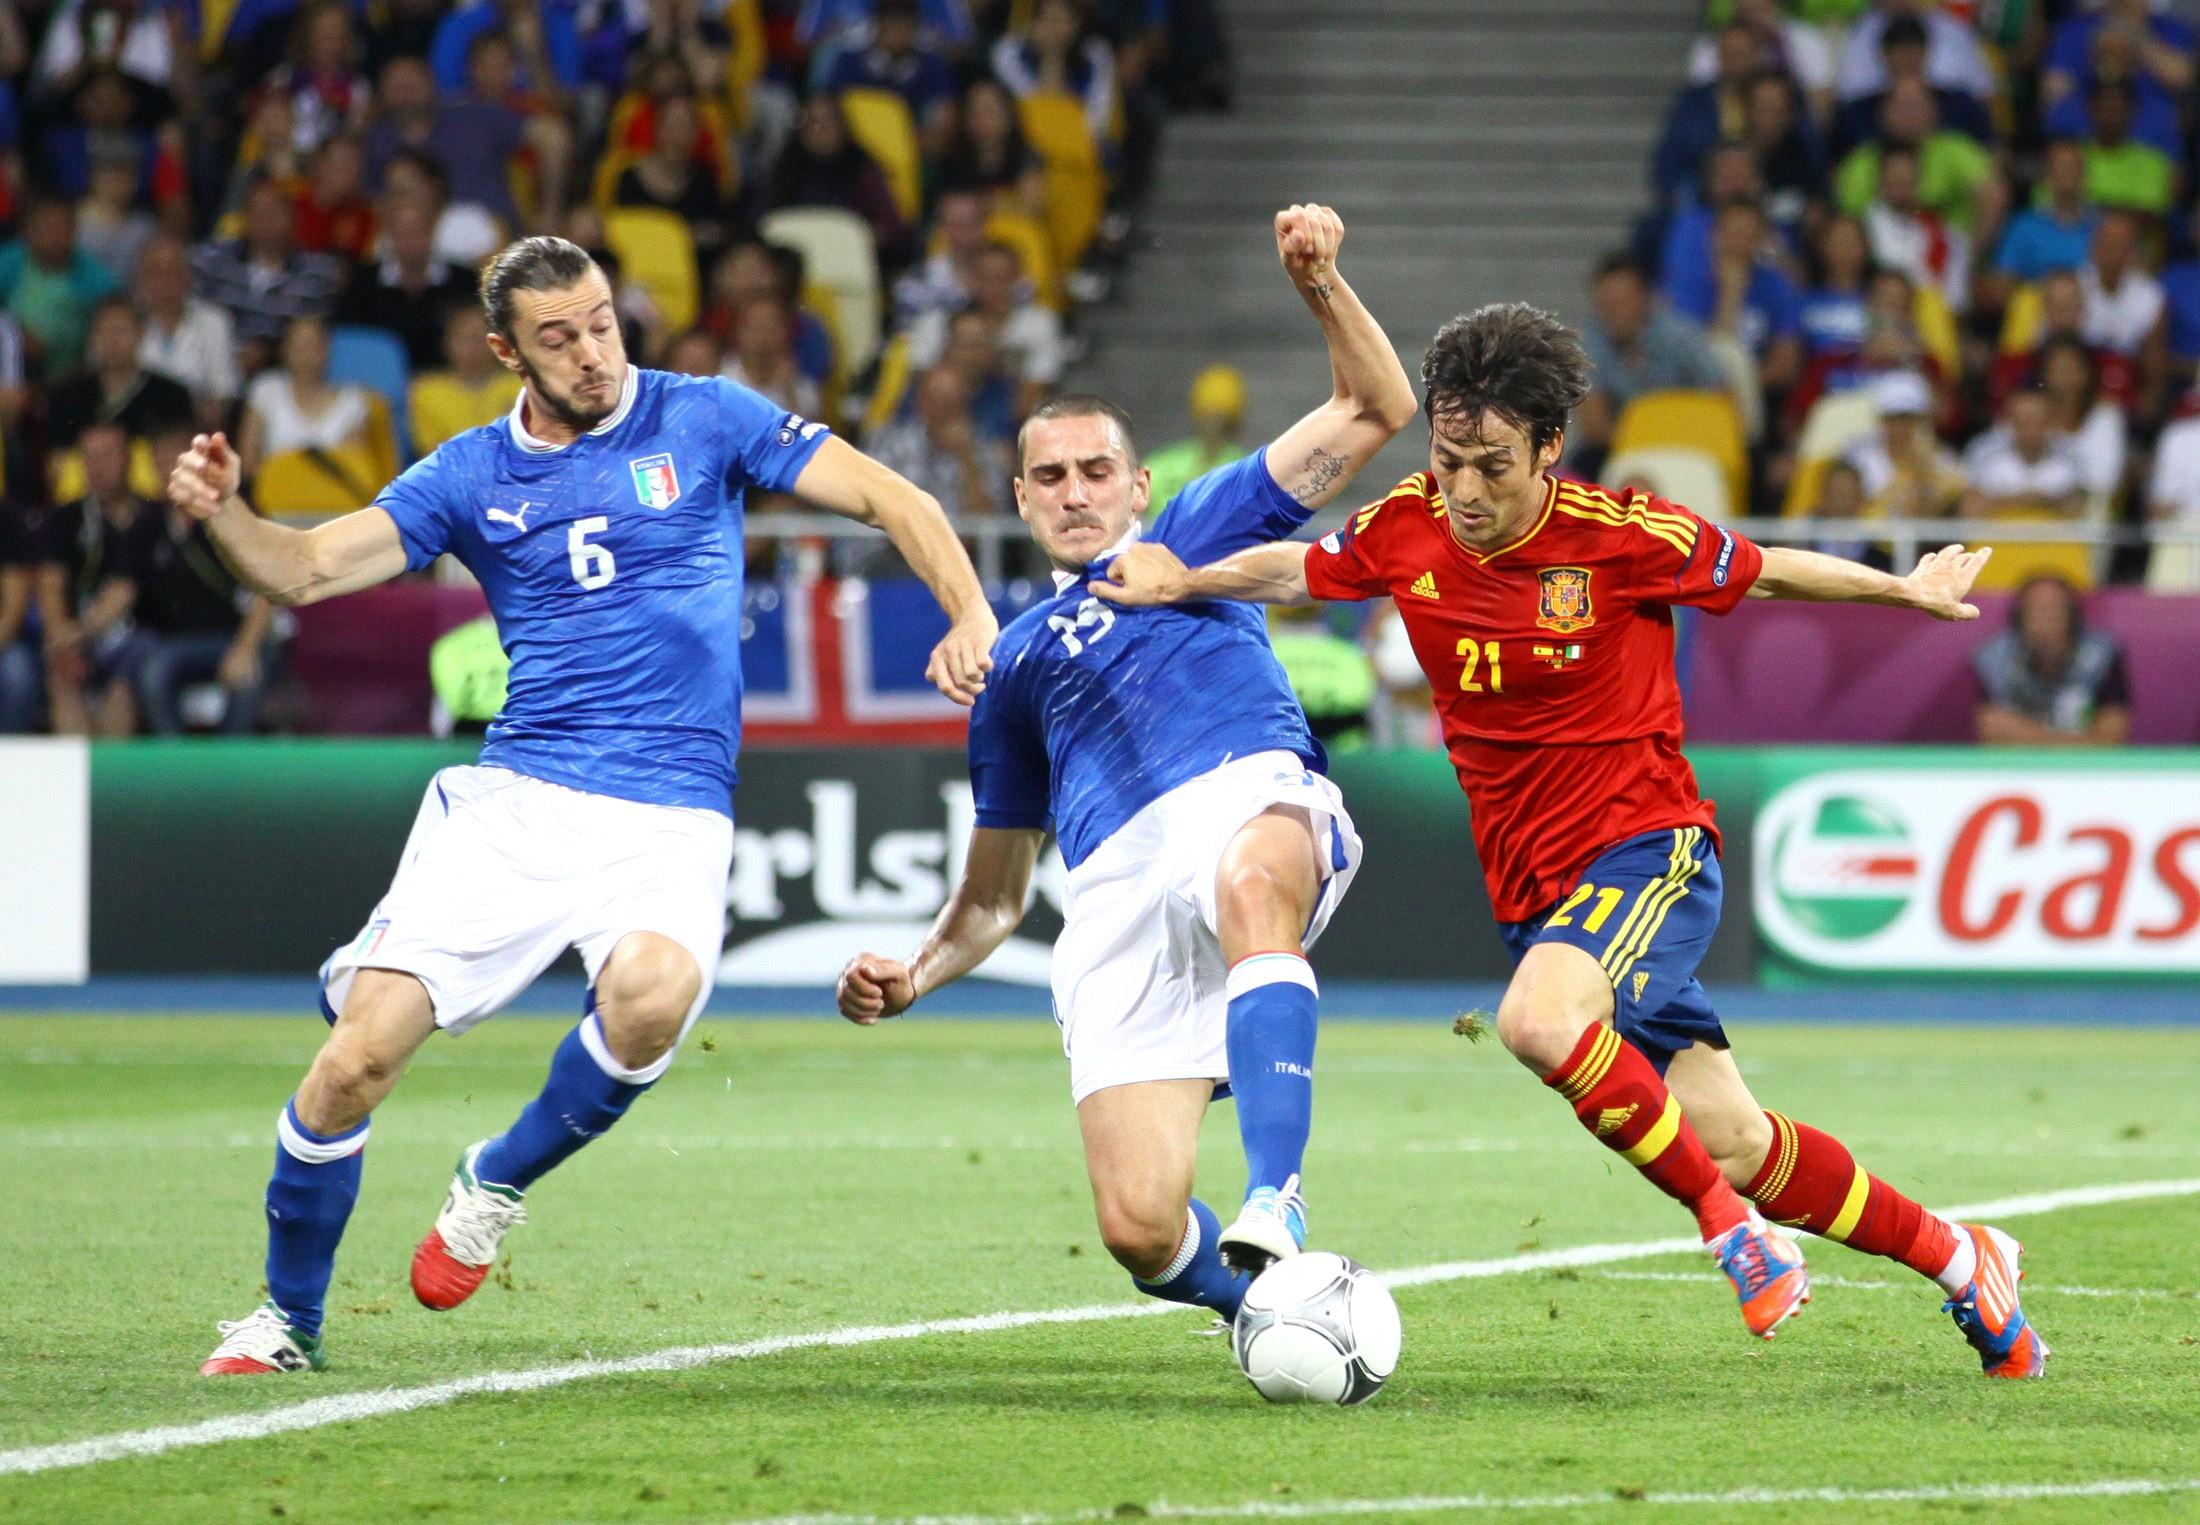 Италия испания футбол игра [PUNIQRANDLINE-(au-dating-names.txt) 31